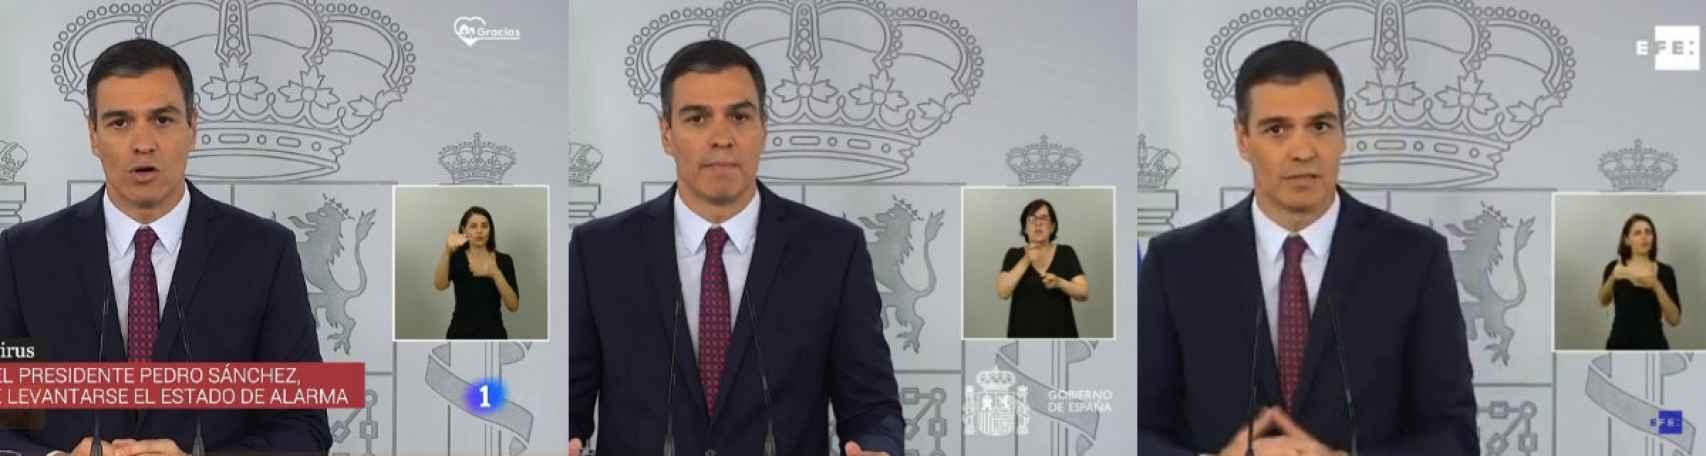 La transmisión de TVE, La Moncloa y Efe.